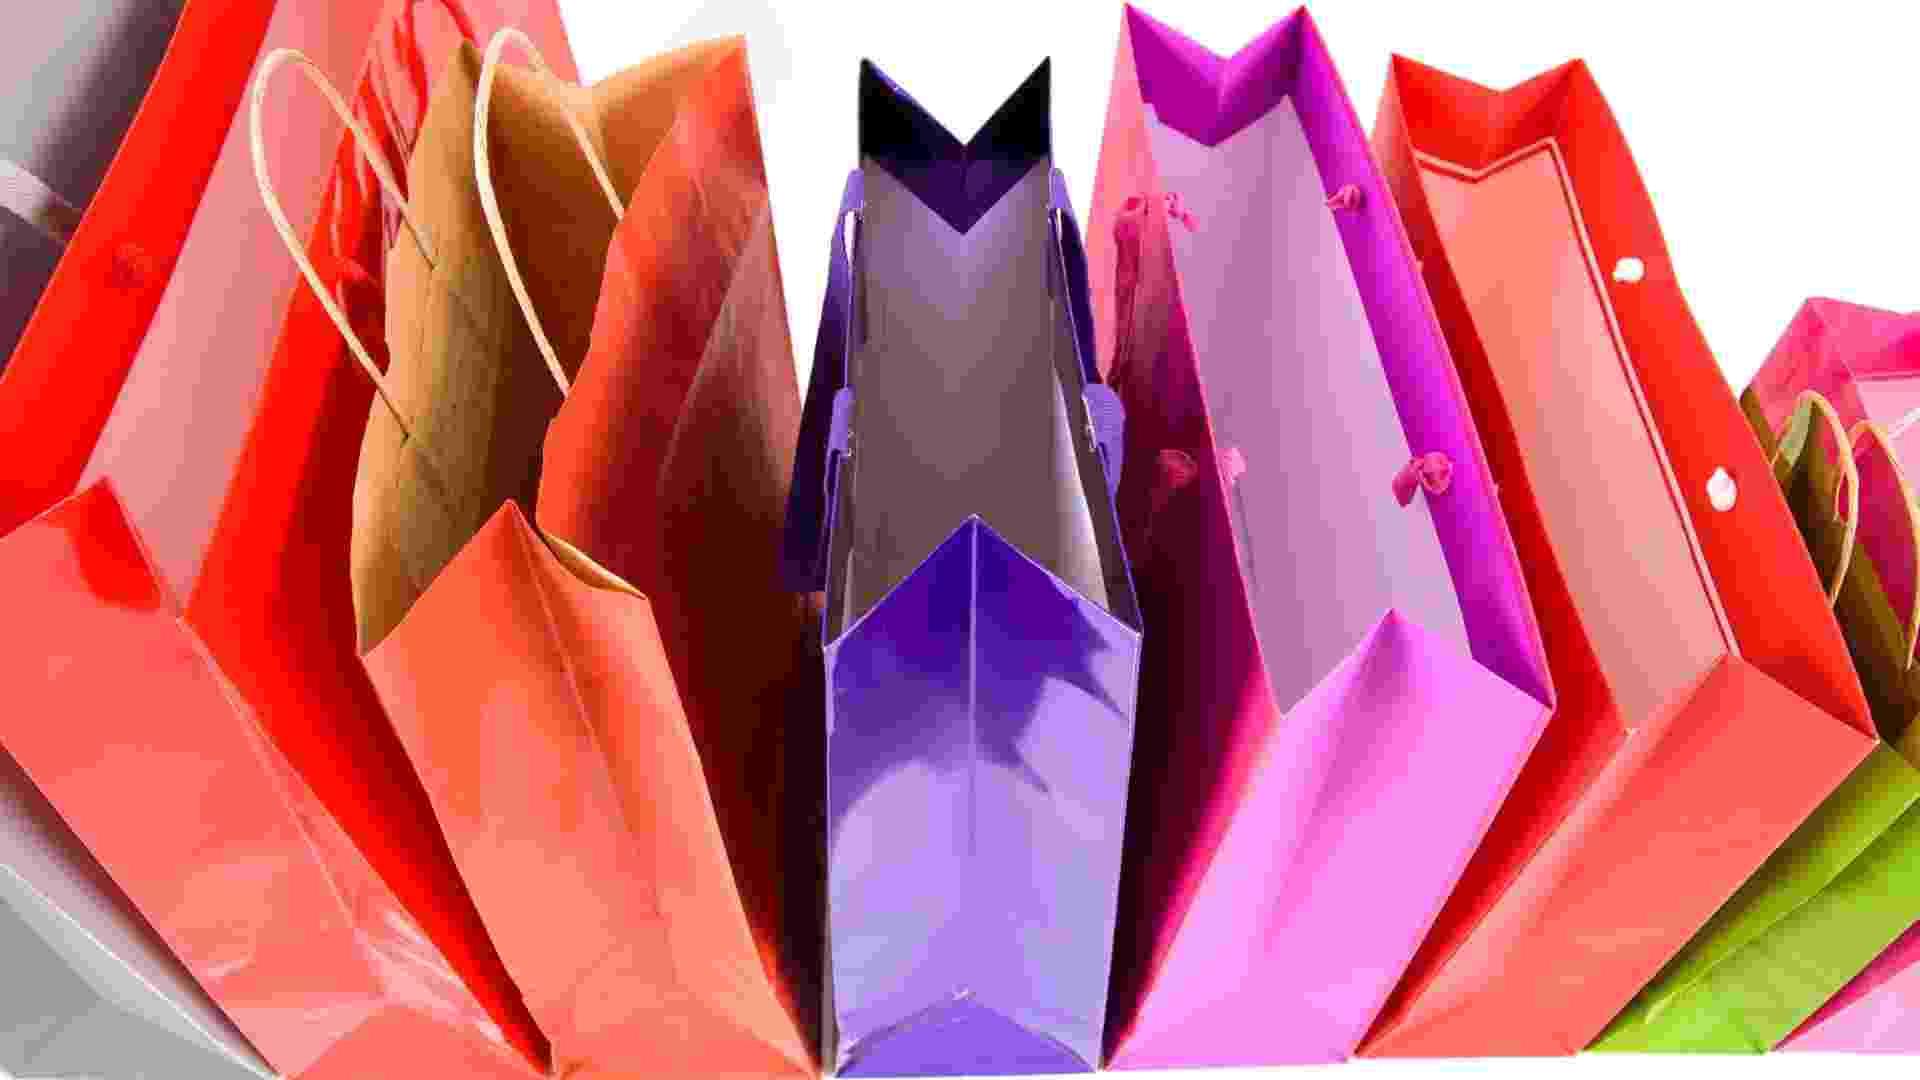 sacolas, compras, cores, colorido, sacos - Thinkstock